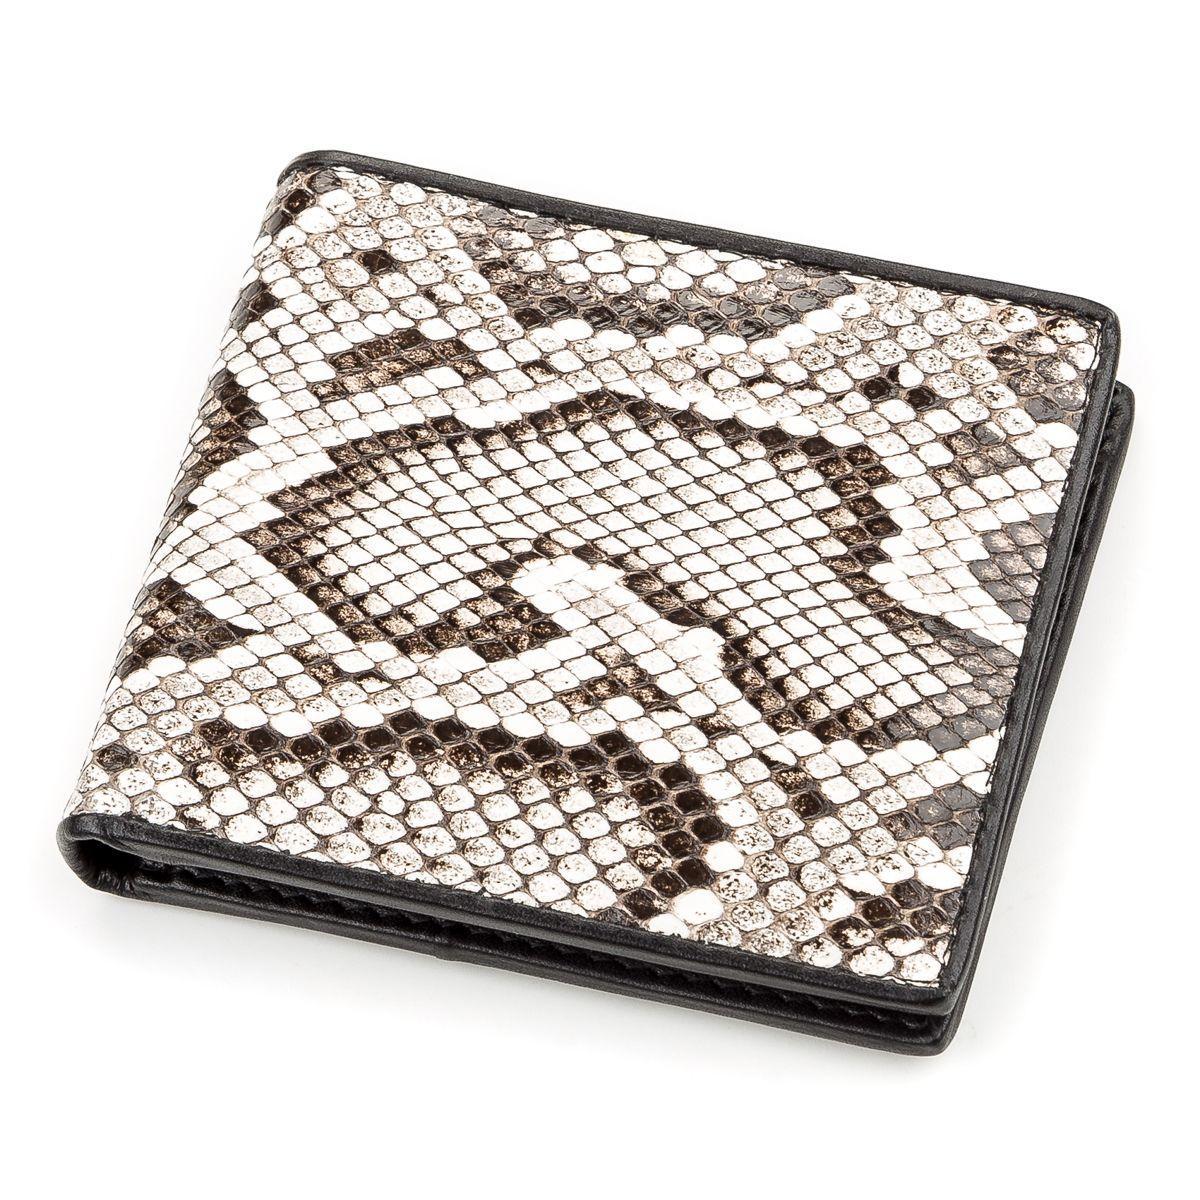 Портмоне Ekzotic Leather из натуральной кожи питона Разноцветное   (snw 59)